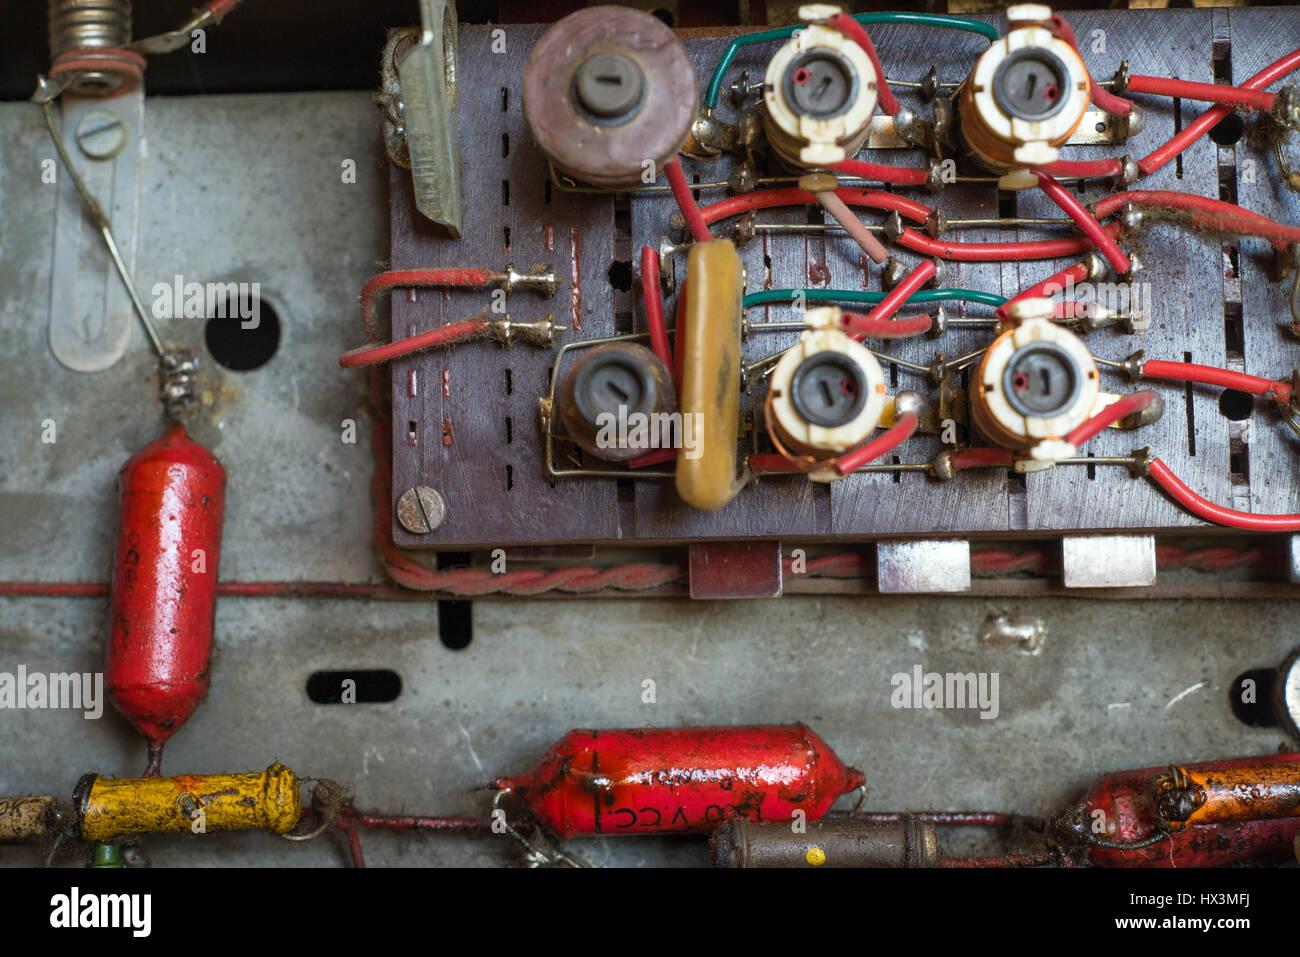 Gemütlich Was Sind Die Komponenten Der Elektrischen Schaltung Fotos ...